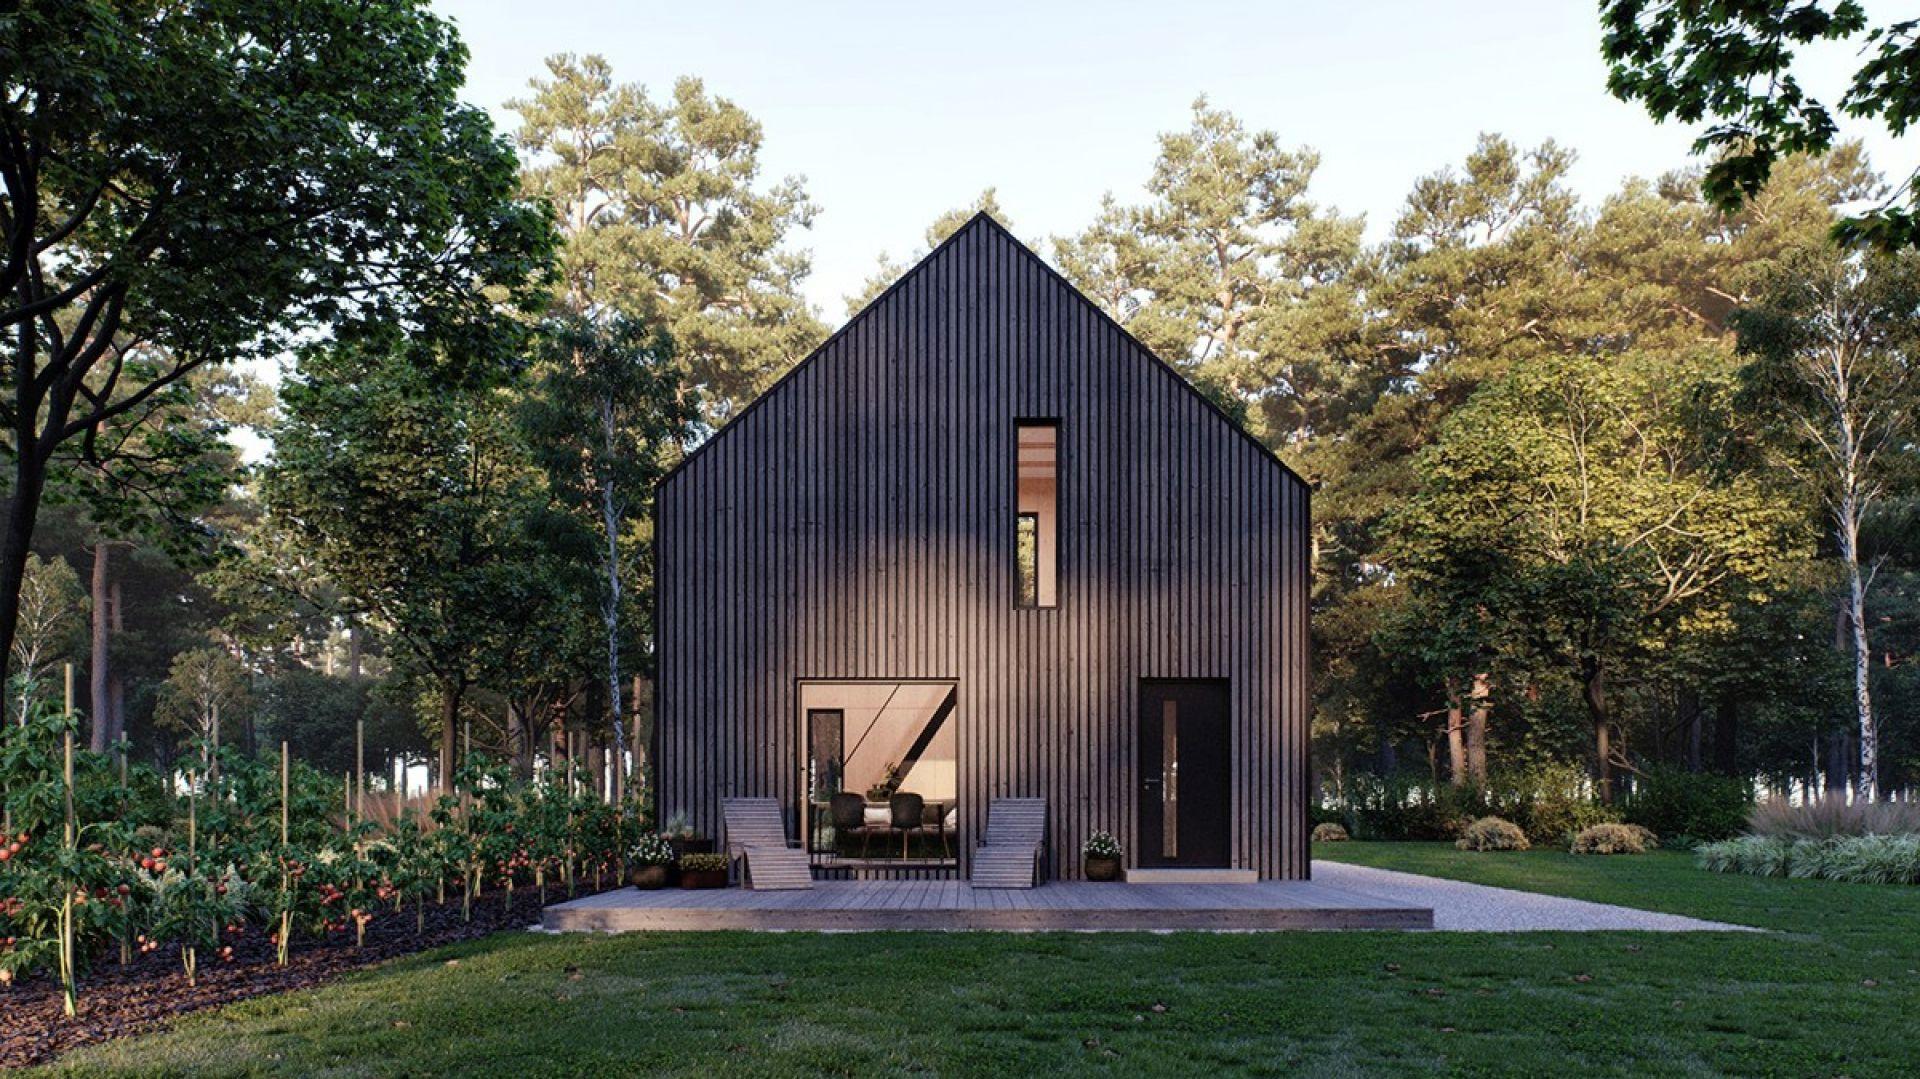 Modulo House to mały i tani w budowie oraz eksploatacji dom o wymiarach 7,1 m na 4,9 m (35 m2 zabudowy) o wysokości kalenicy 7,5 m. Fot. Modulo